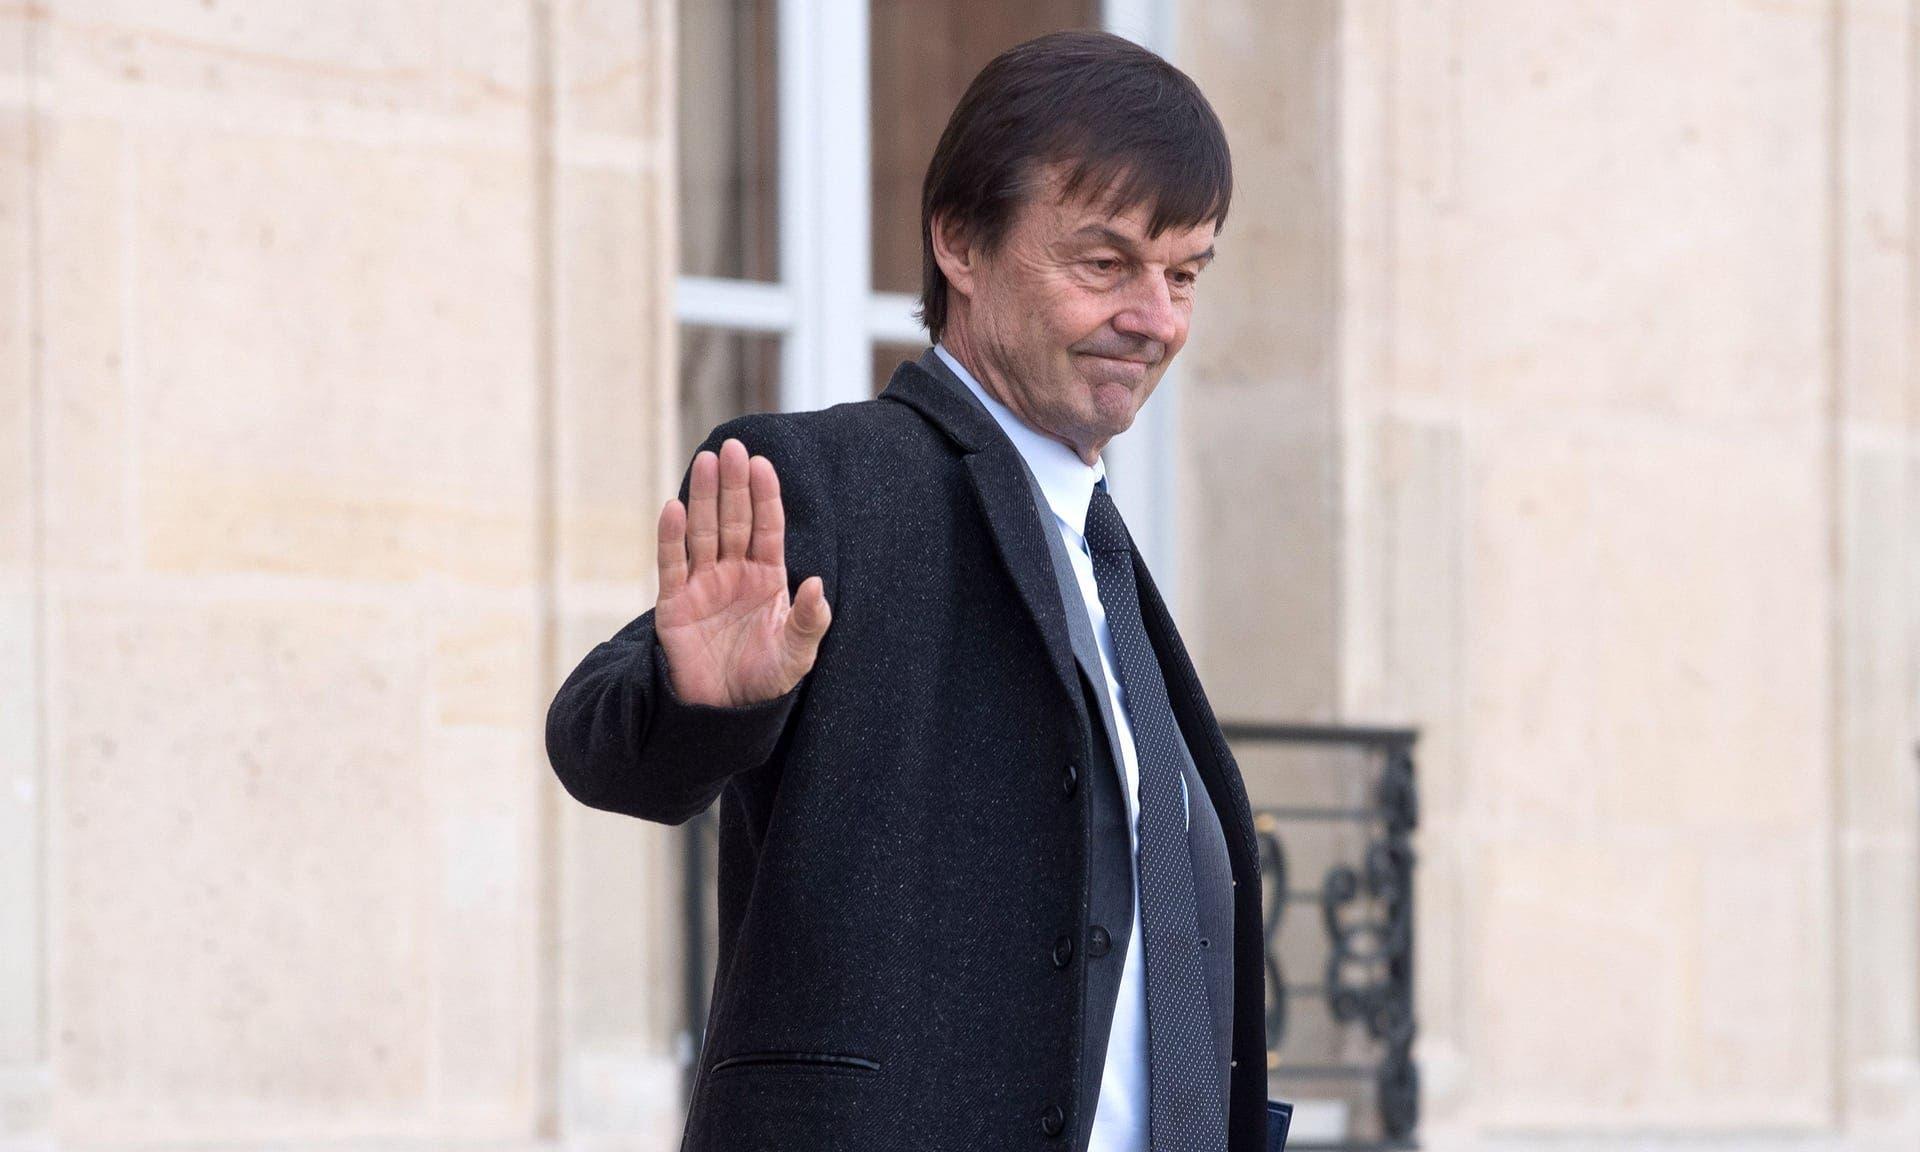 وزيرة البيئة الفرنسي نفي أي تهم موجهة إليه